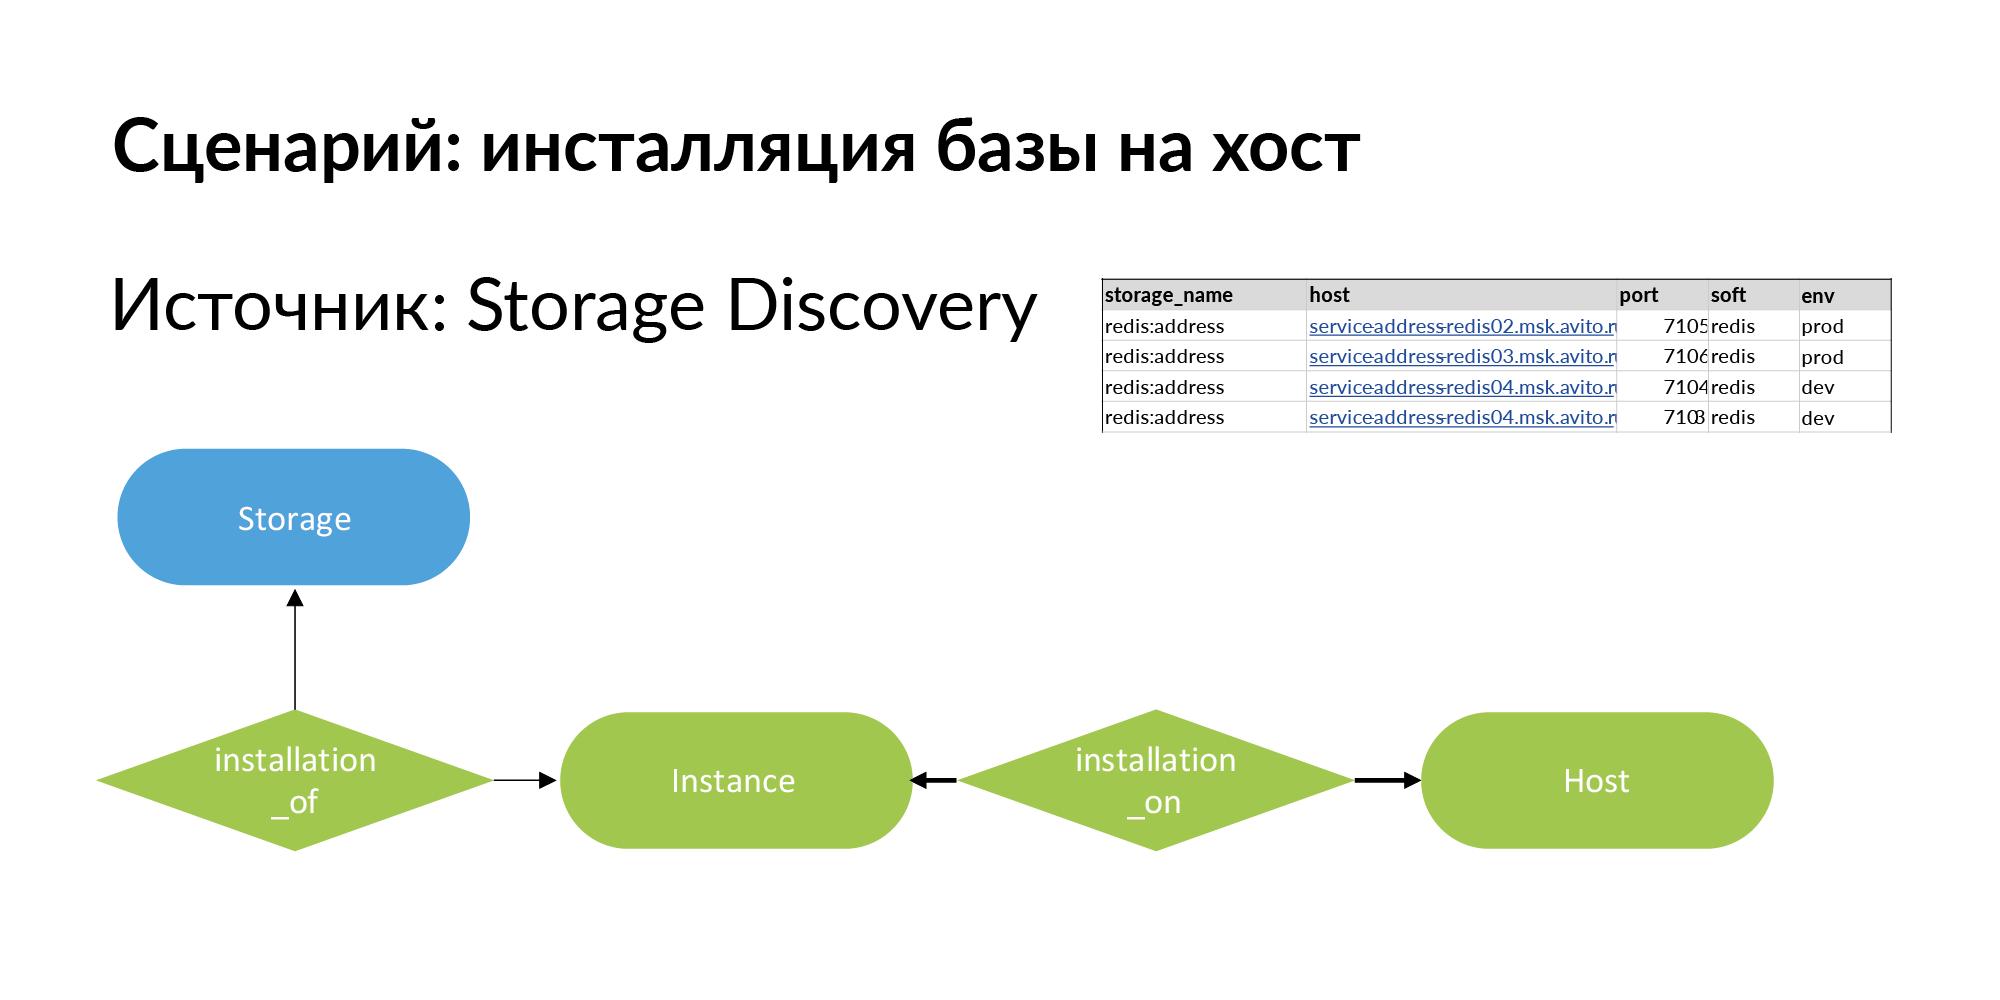 Концепция персистентной ткани для контроля IT-инфраструктуры - 15